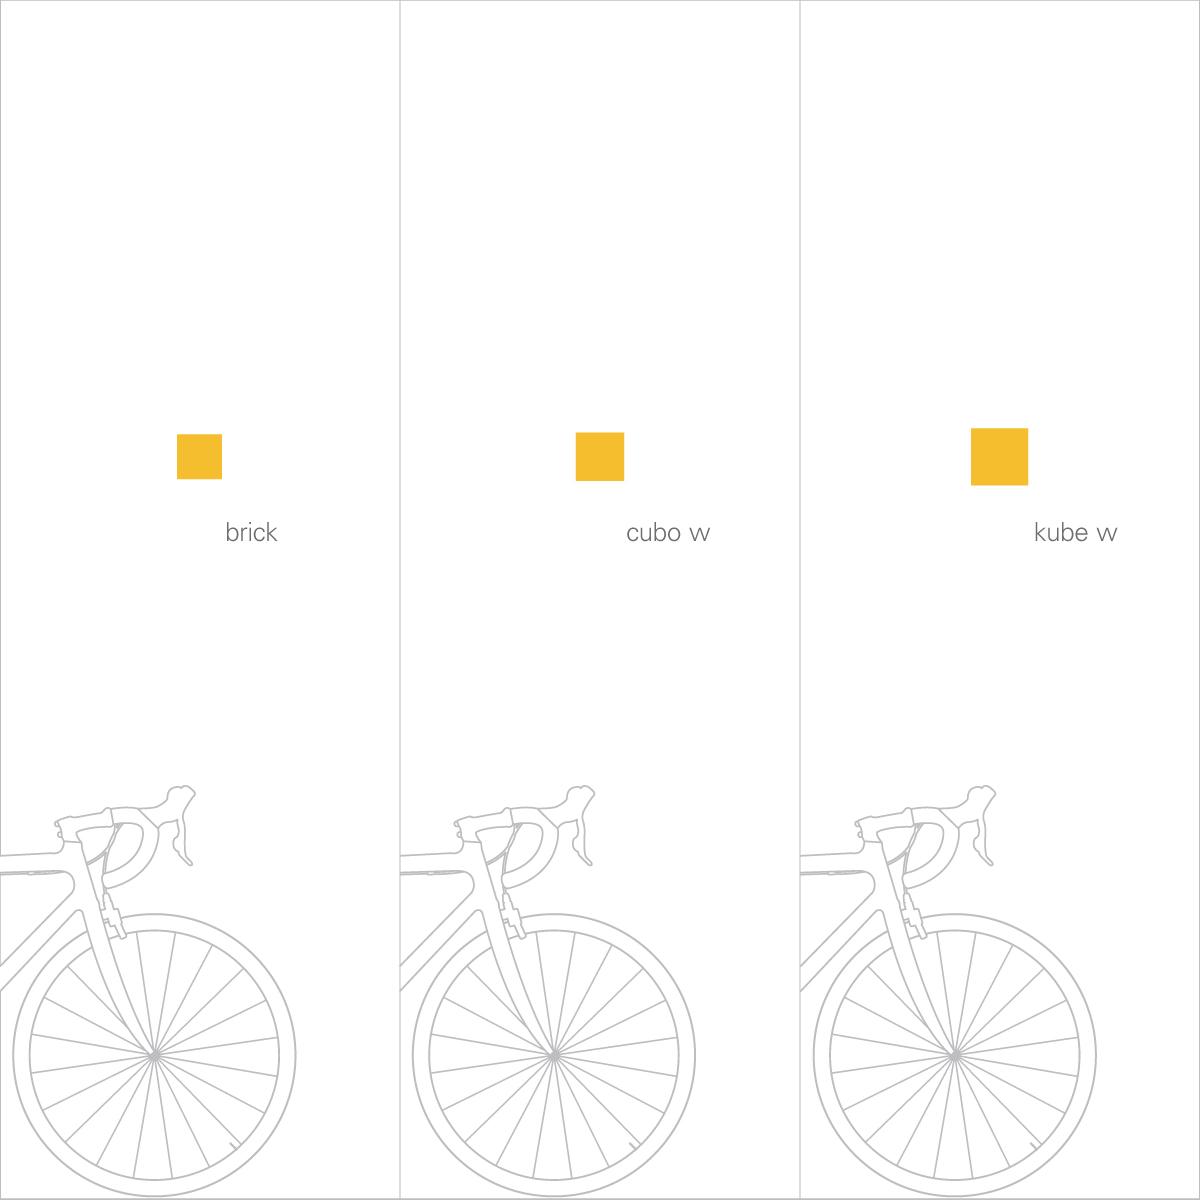 180528 arandelas comparativo 1